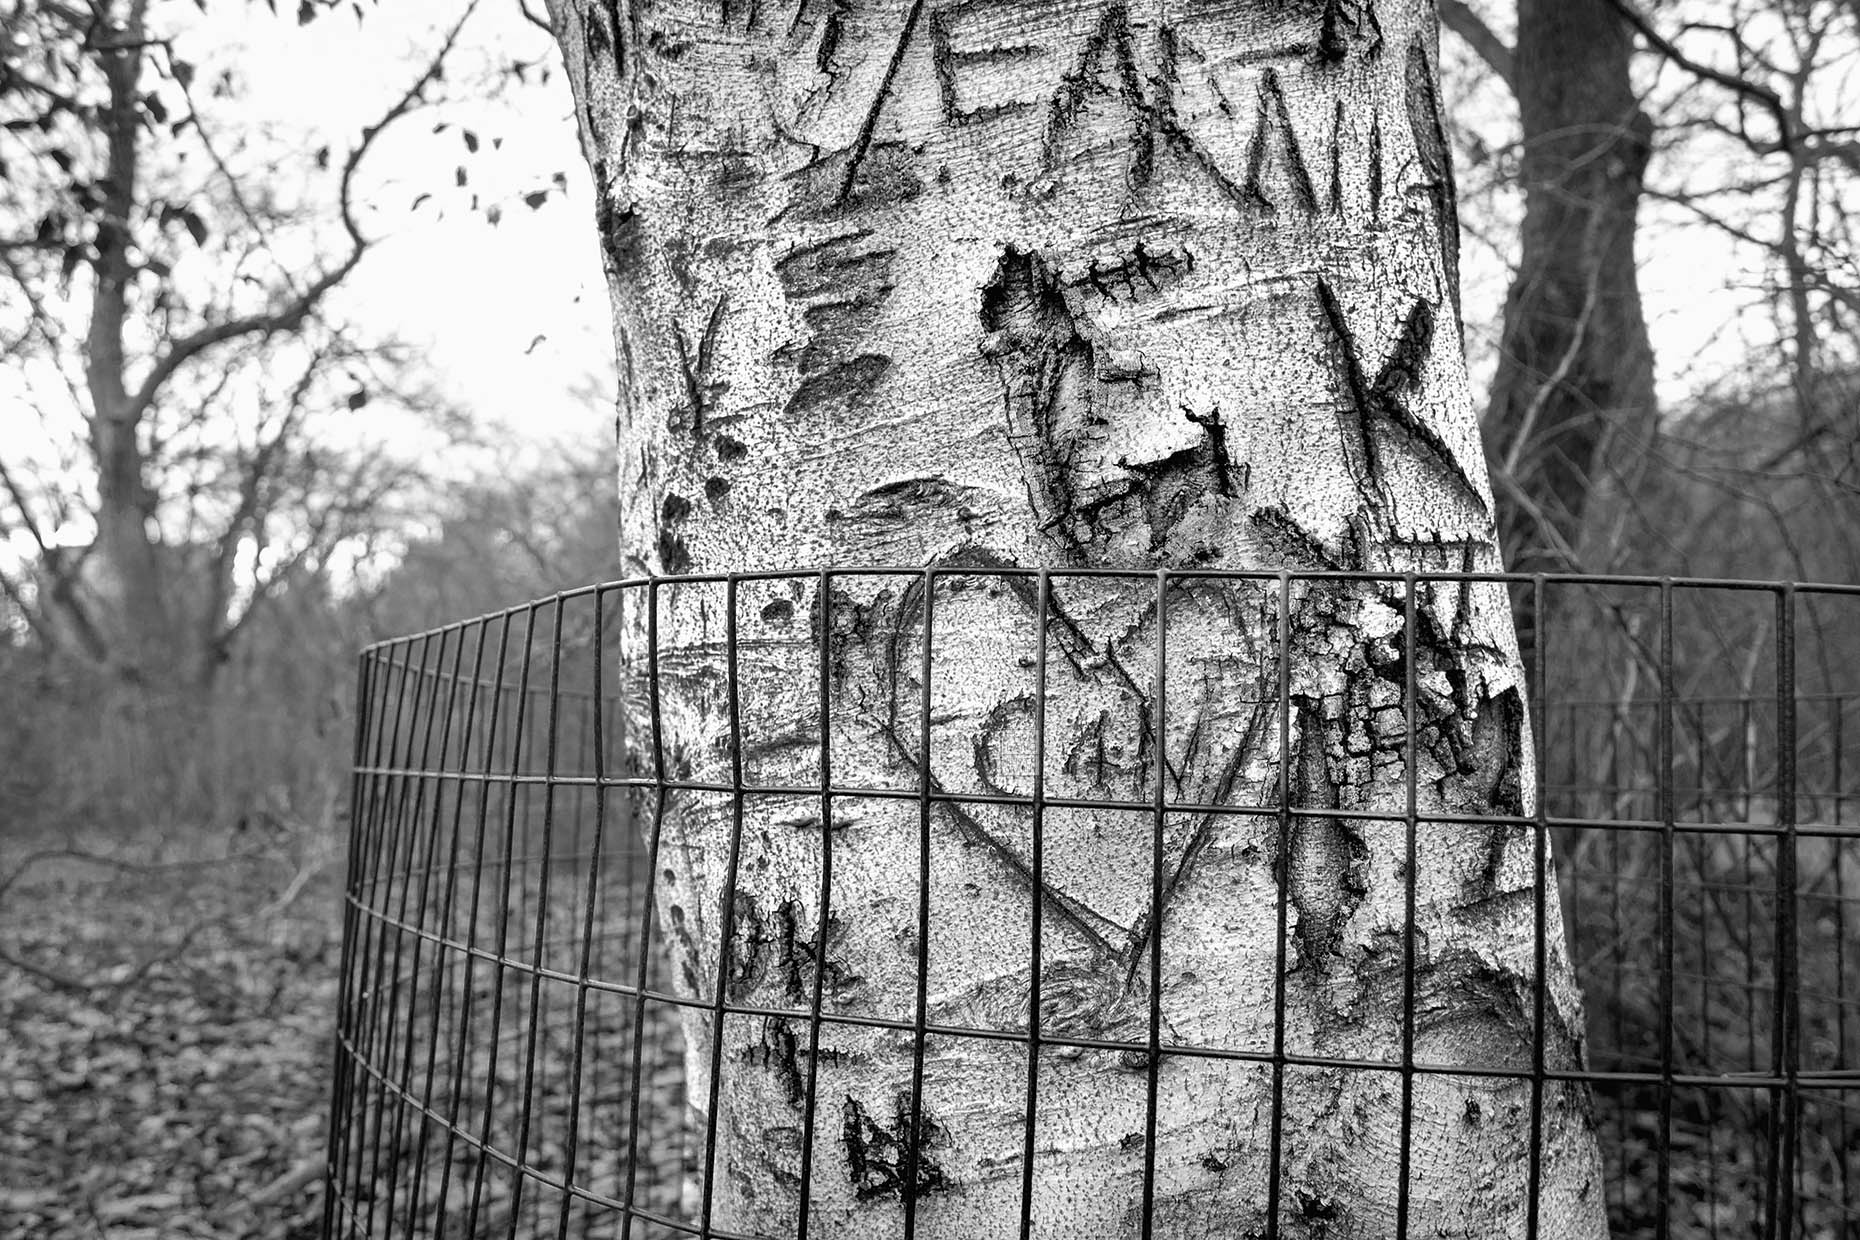 16_Tattoo Tree_7236-BLOG